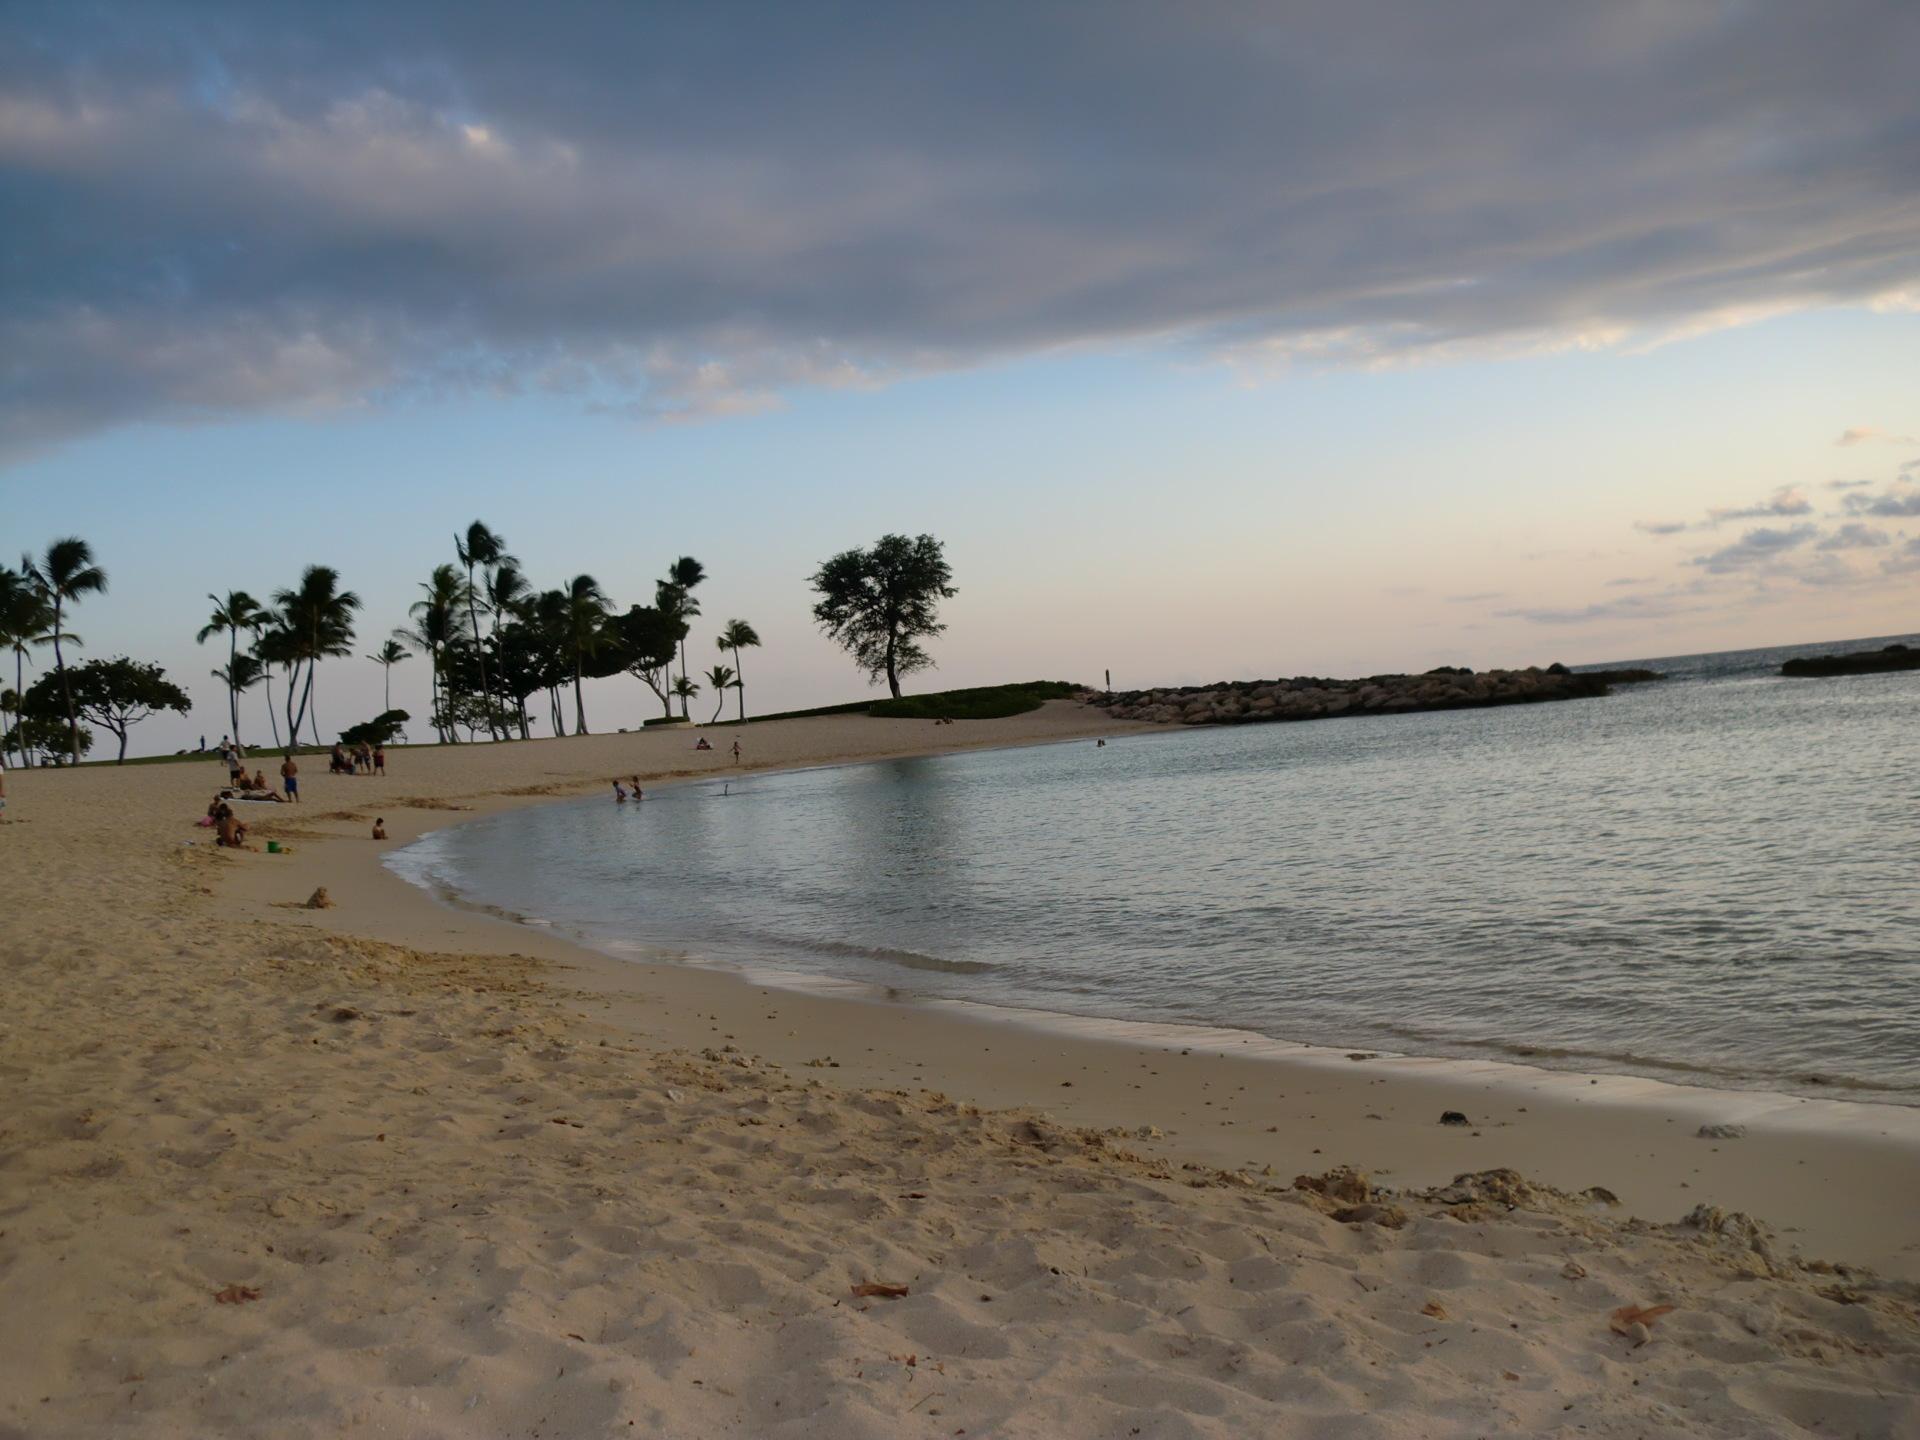 Uma praia e um sentimento